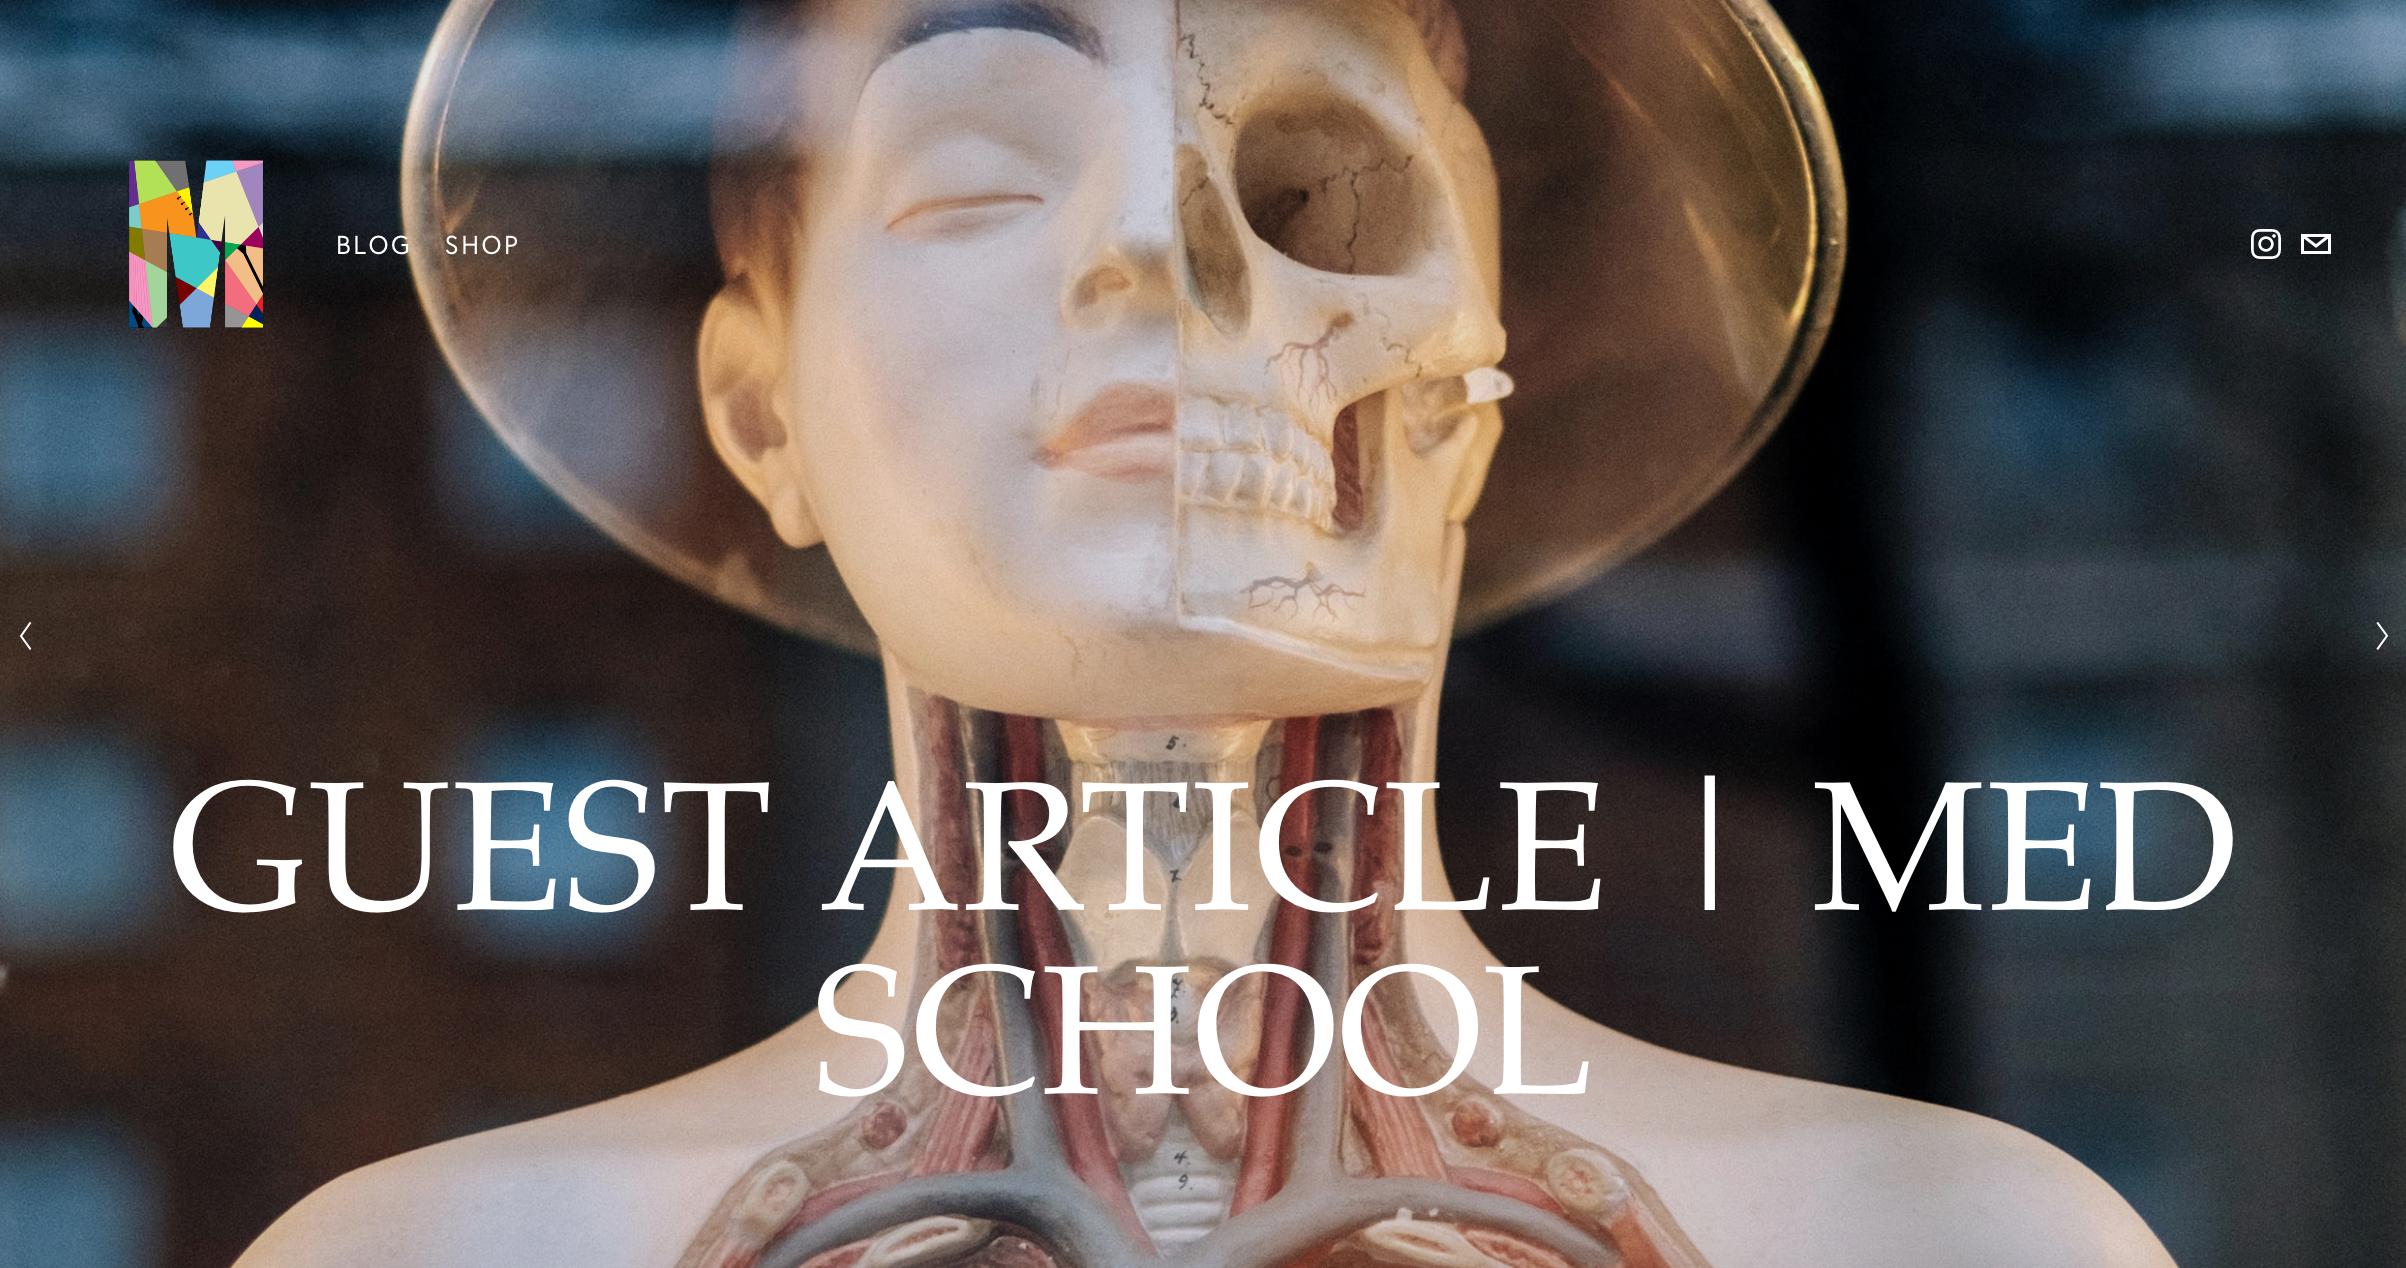 Guest Article on Med School by Adesola Oje | www.memkoh.com